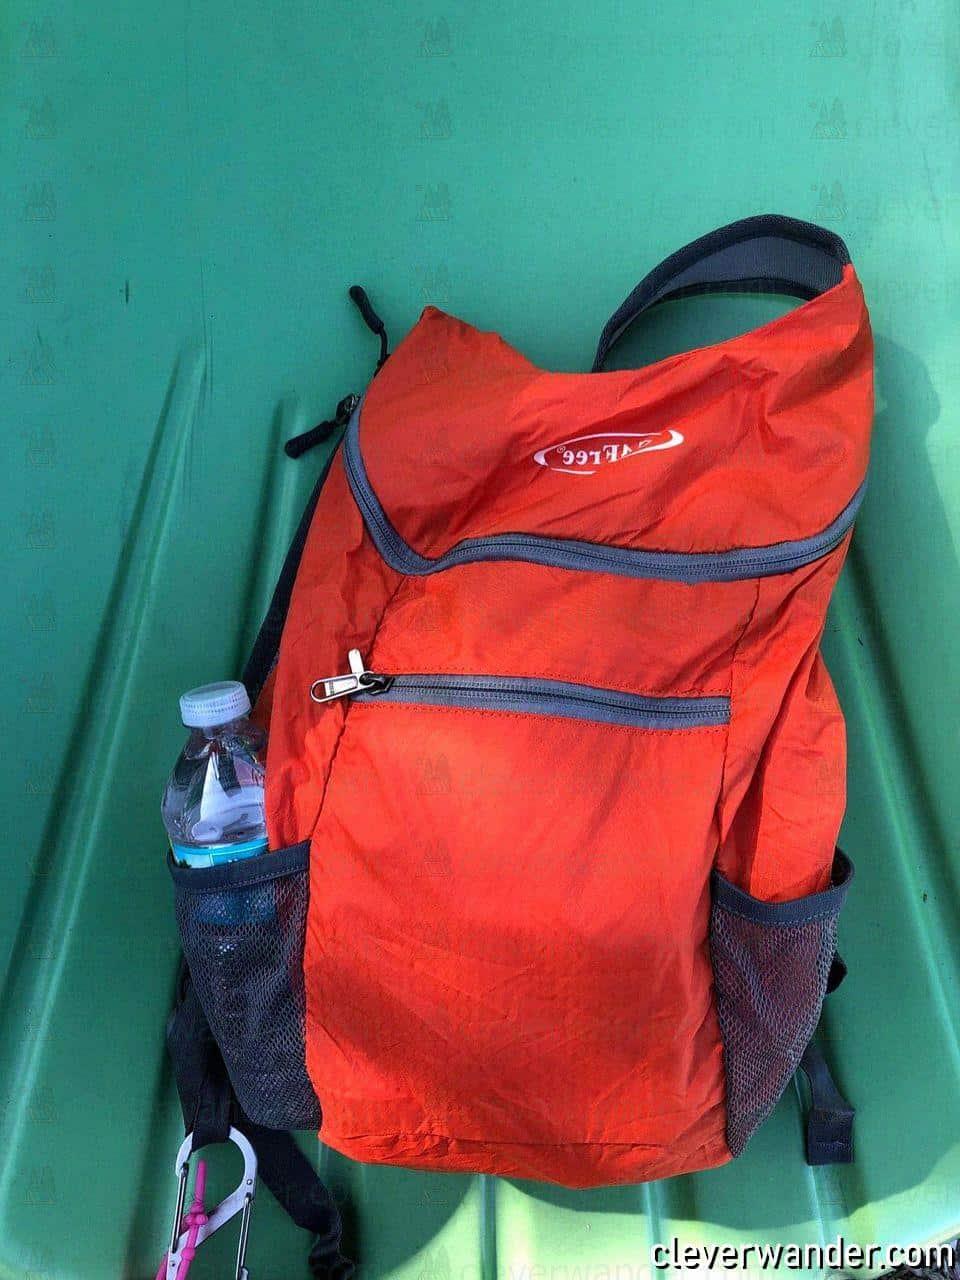 G4Free Lightweight Shoulder Backpack - image review 4